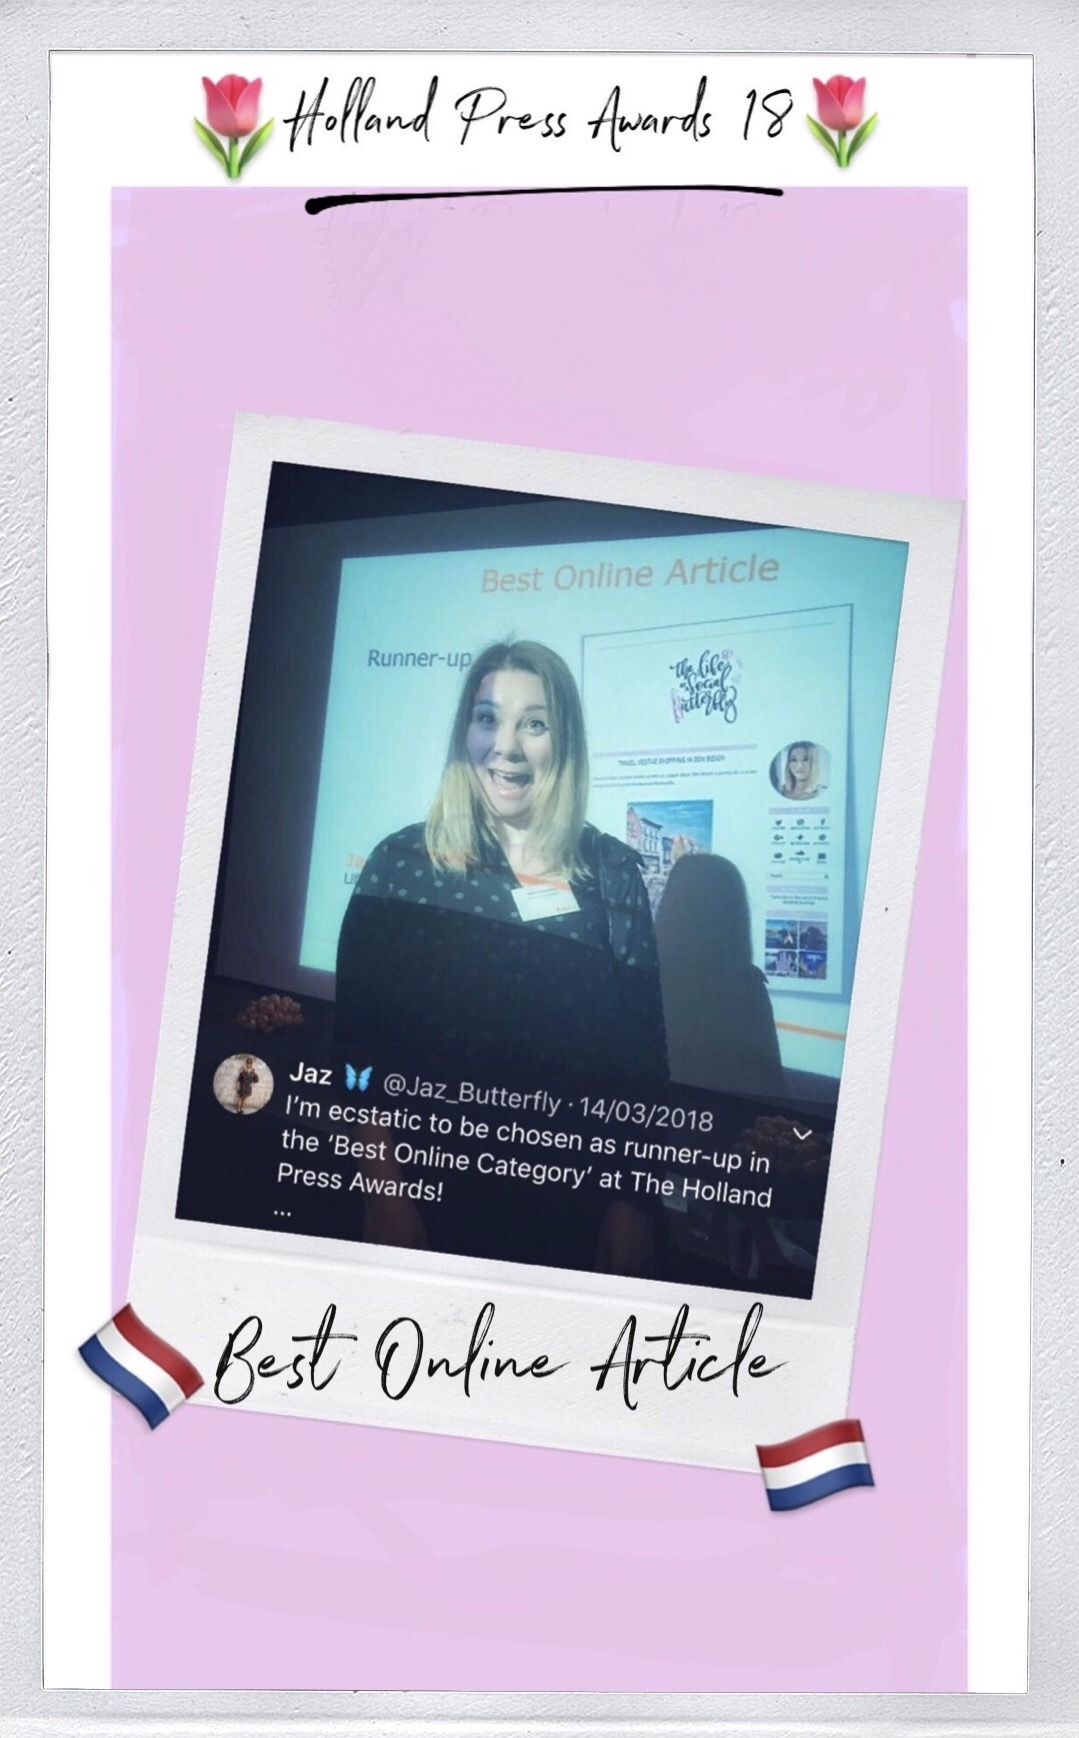 Holland Press Awards 2018